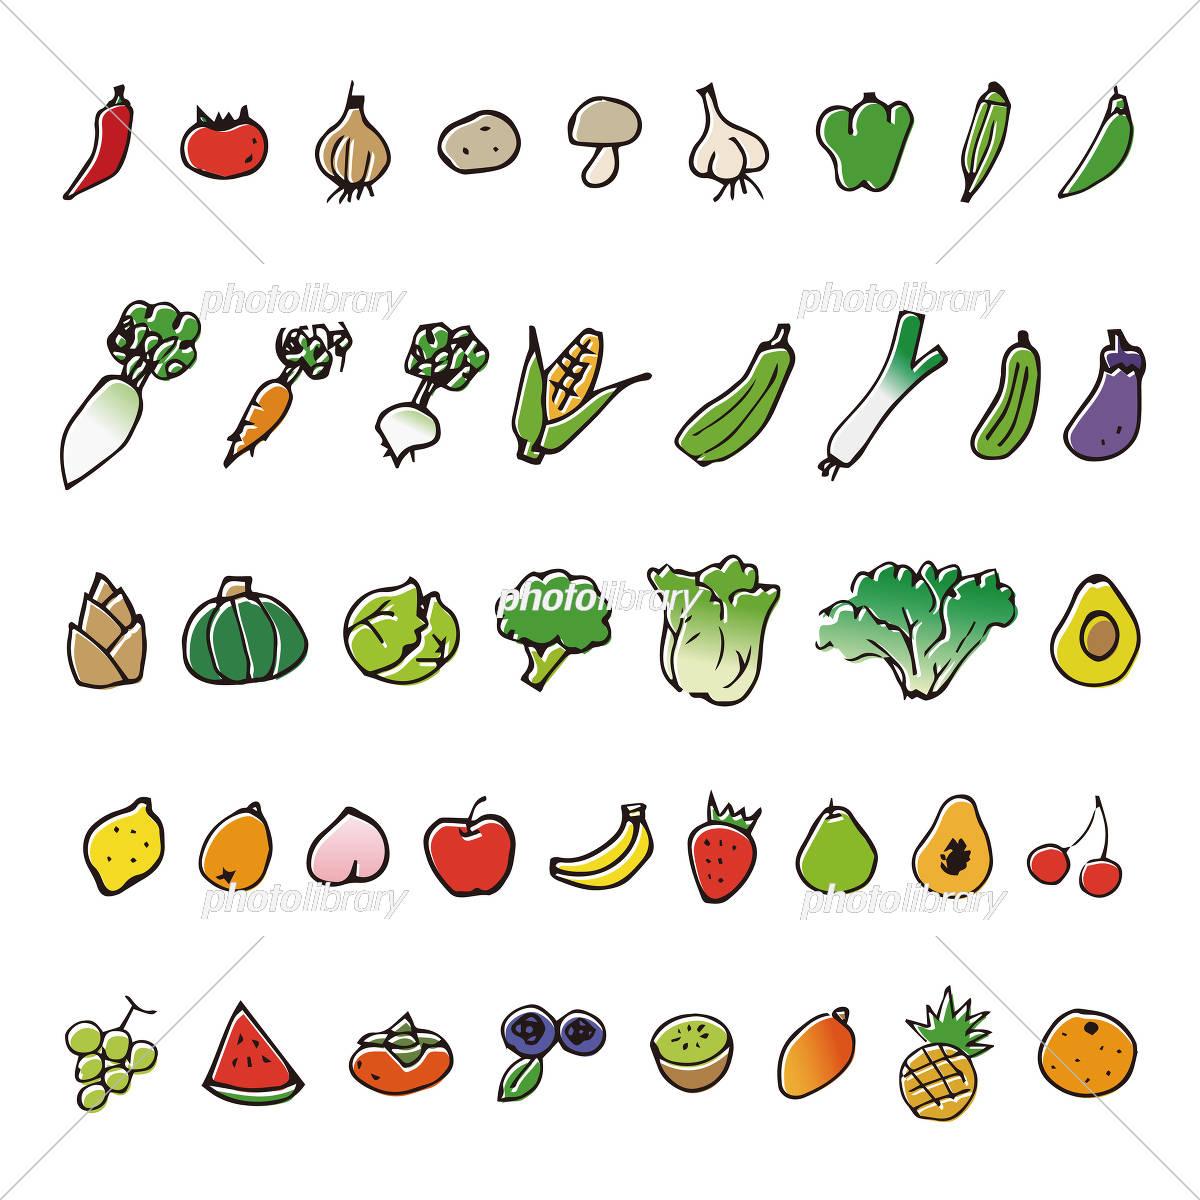 野菜と果物の断面 イラスト素材 4889842 フォトライブラリー